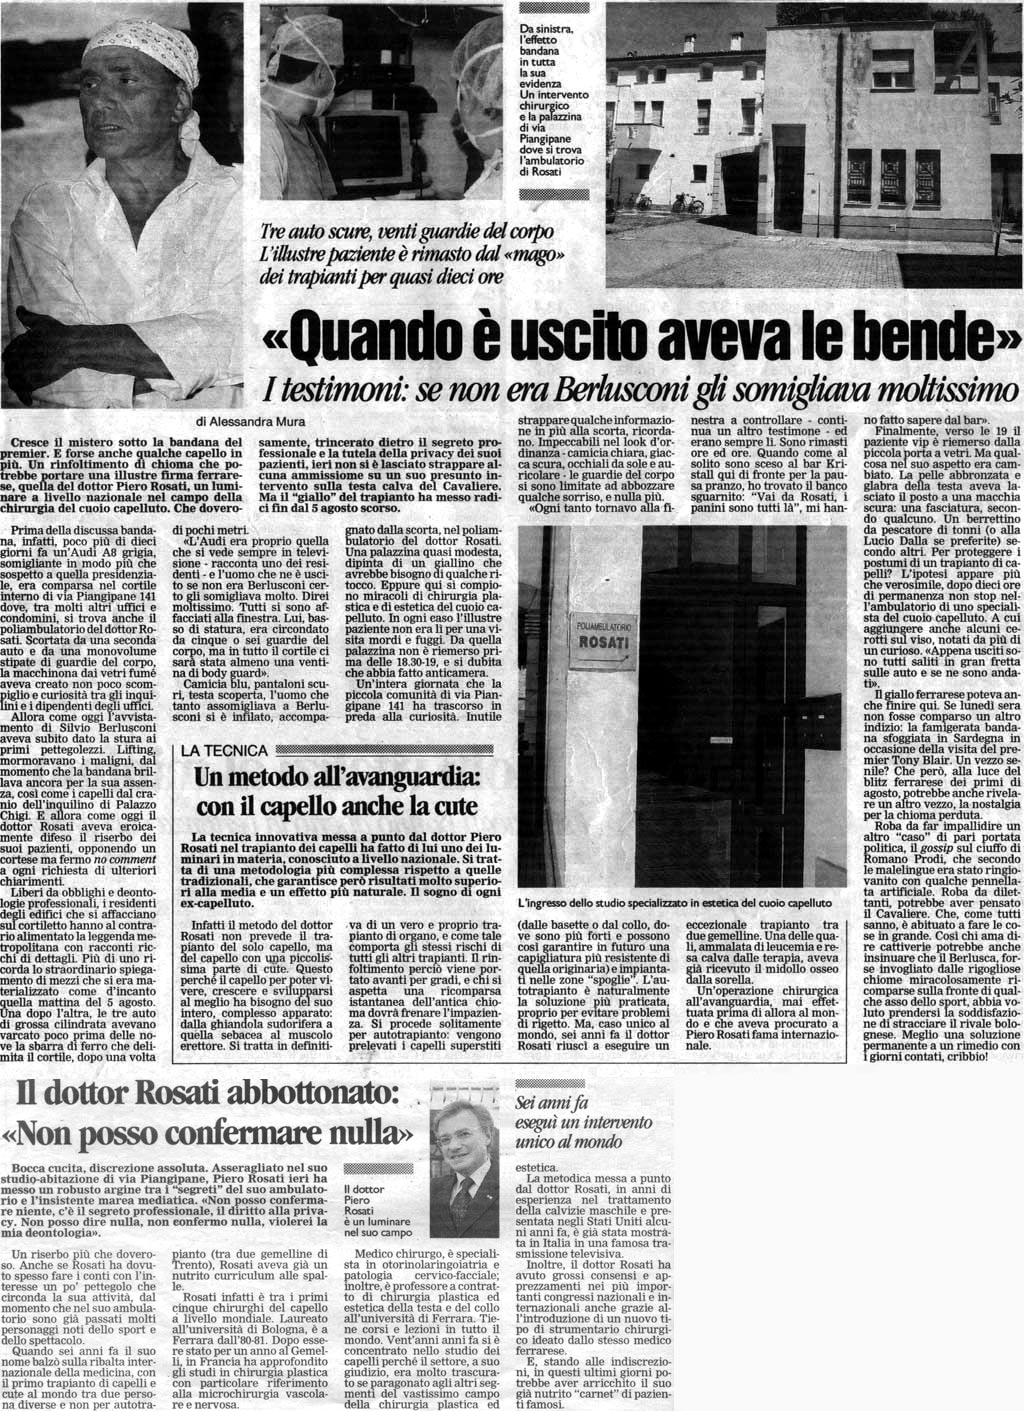 Piero Rosati eseguì un intervento unico al mondo - Articolo completo